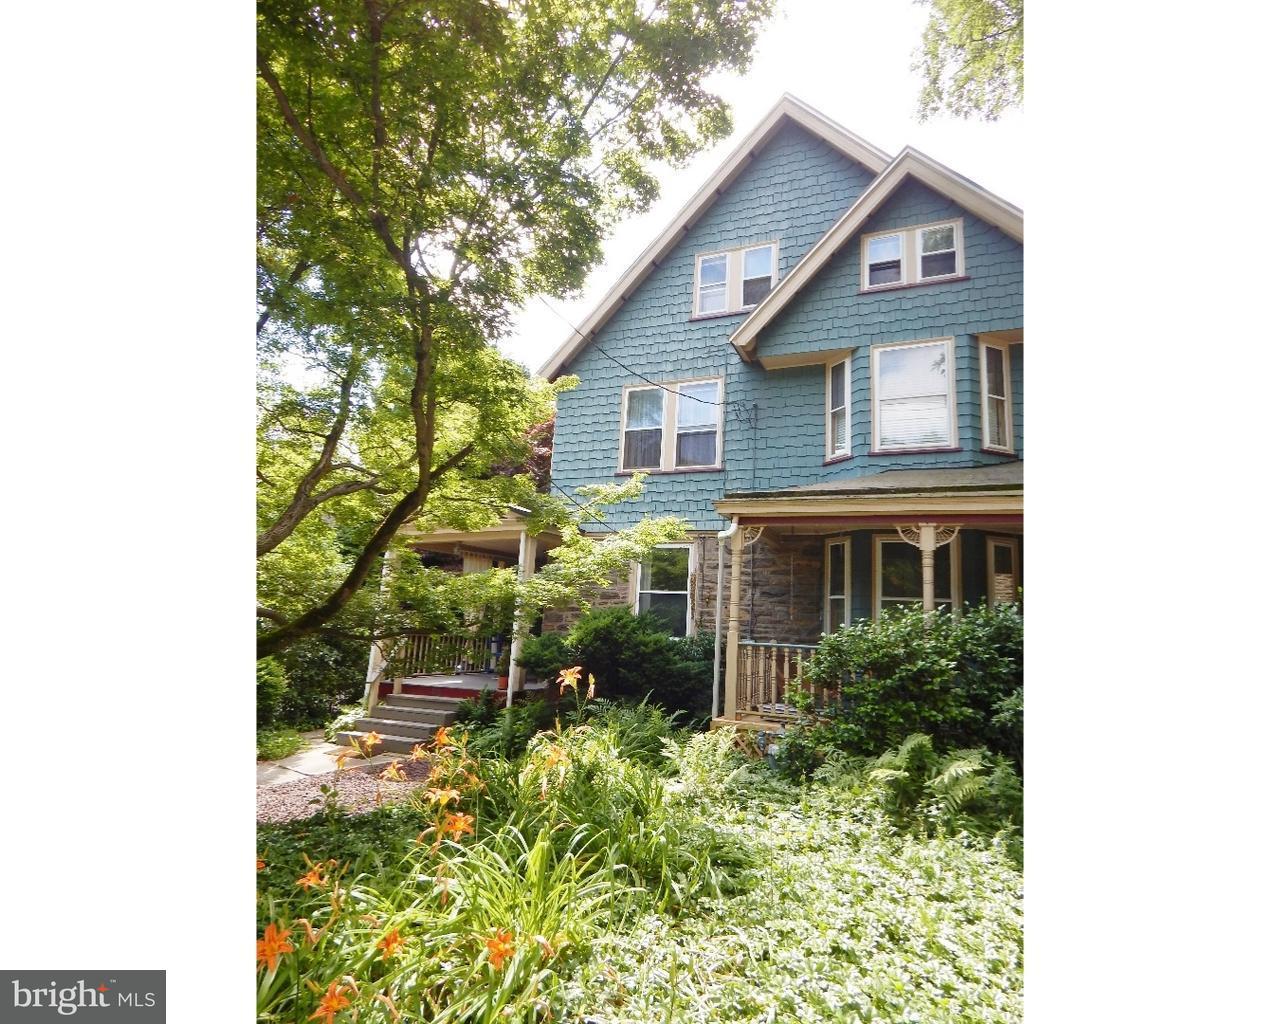 406 GREENWOOD AVE, WYNCOTE - Listed at $269,900, WYNCOTE